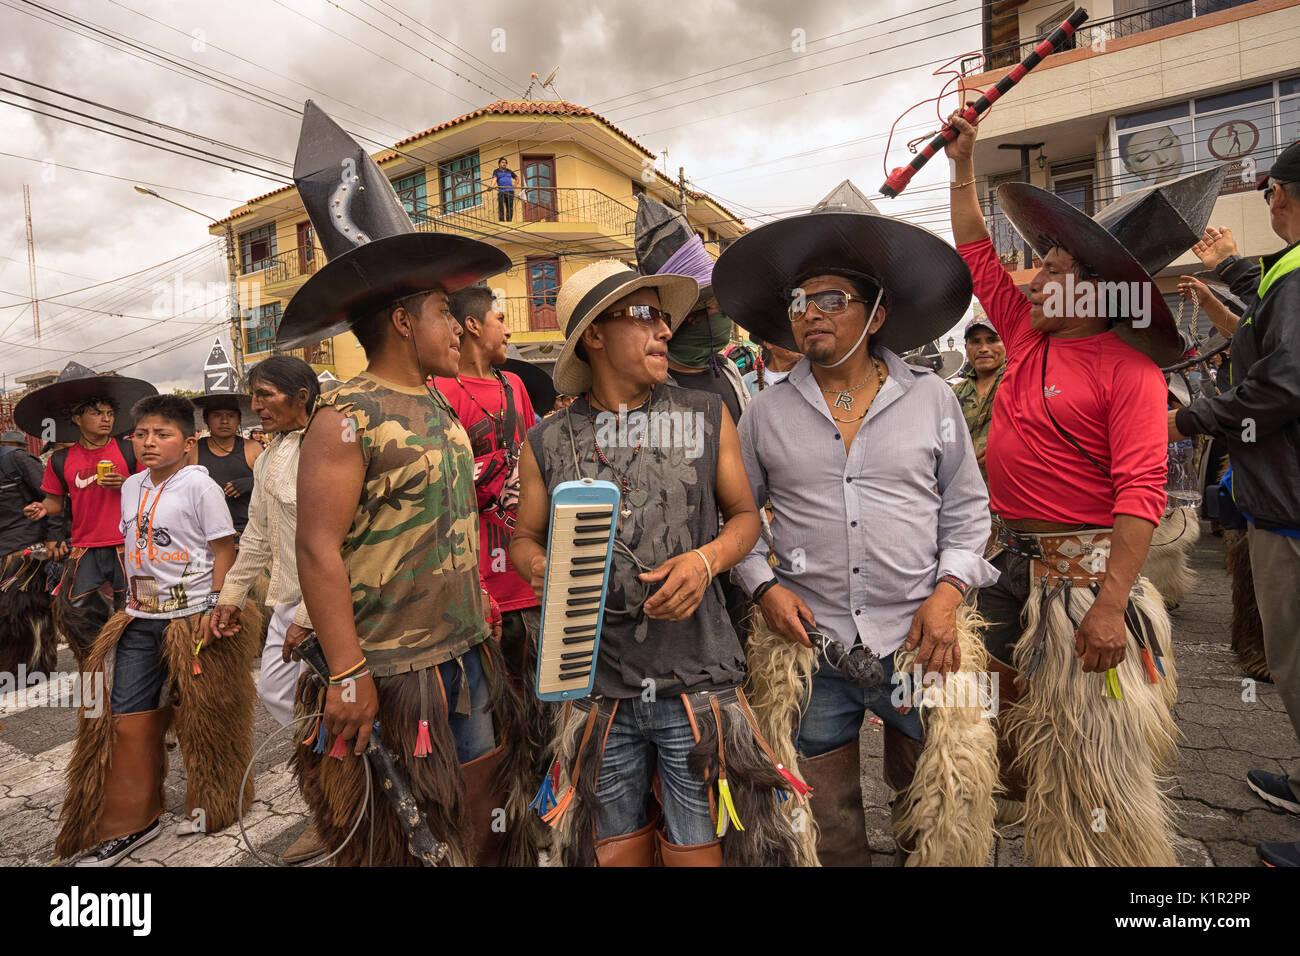 June 24, 2017 Cotacachi, Ecuador: a group of indigenous kichwa men  participating at an Inti Raymi parade at summer solstice - Stock Image